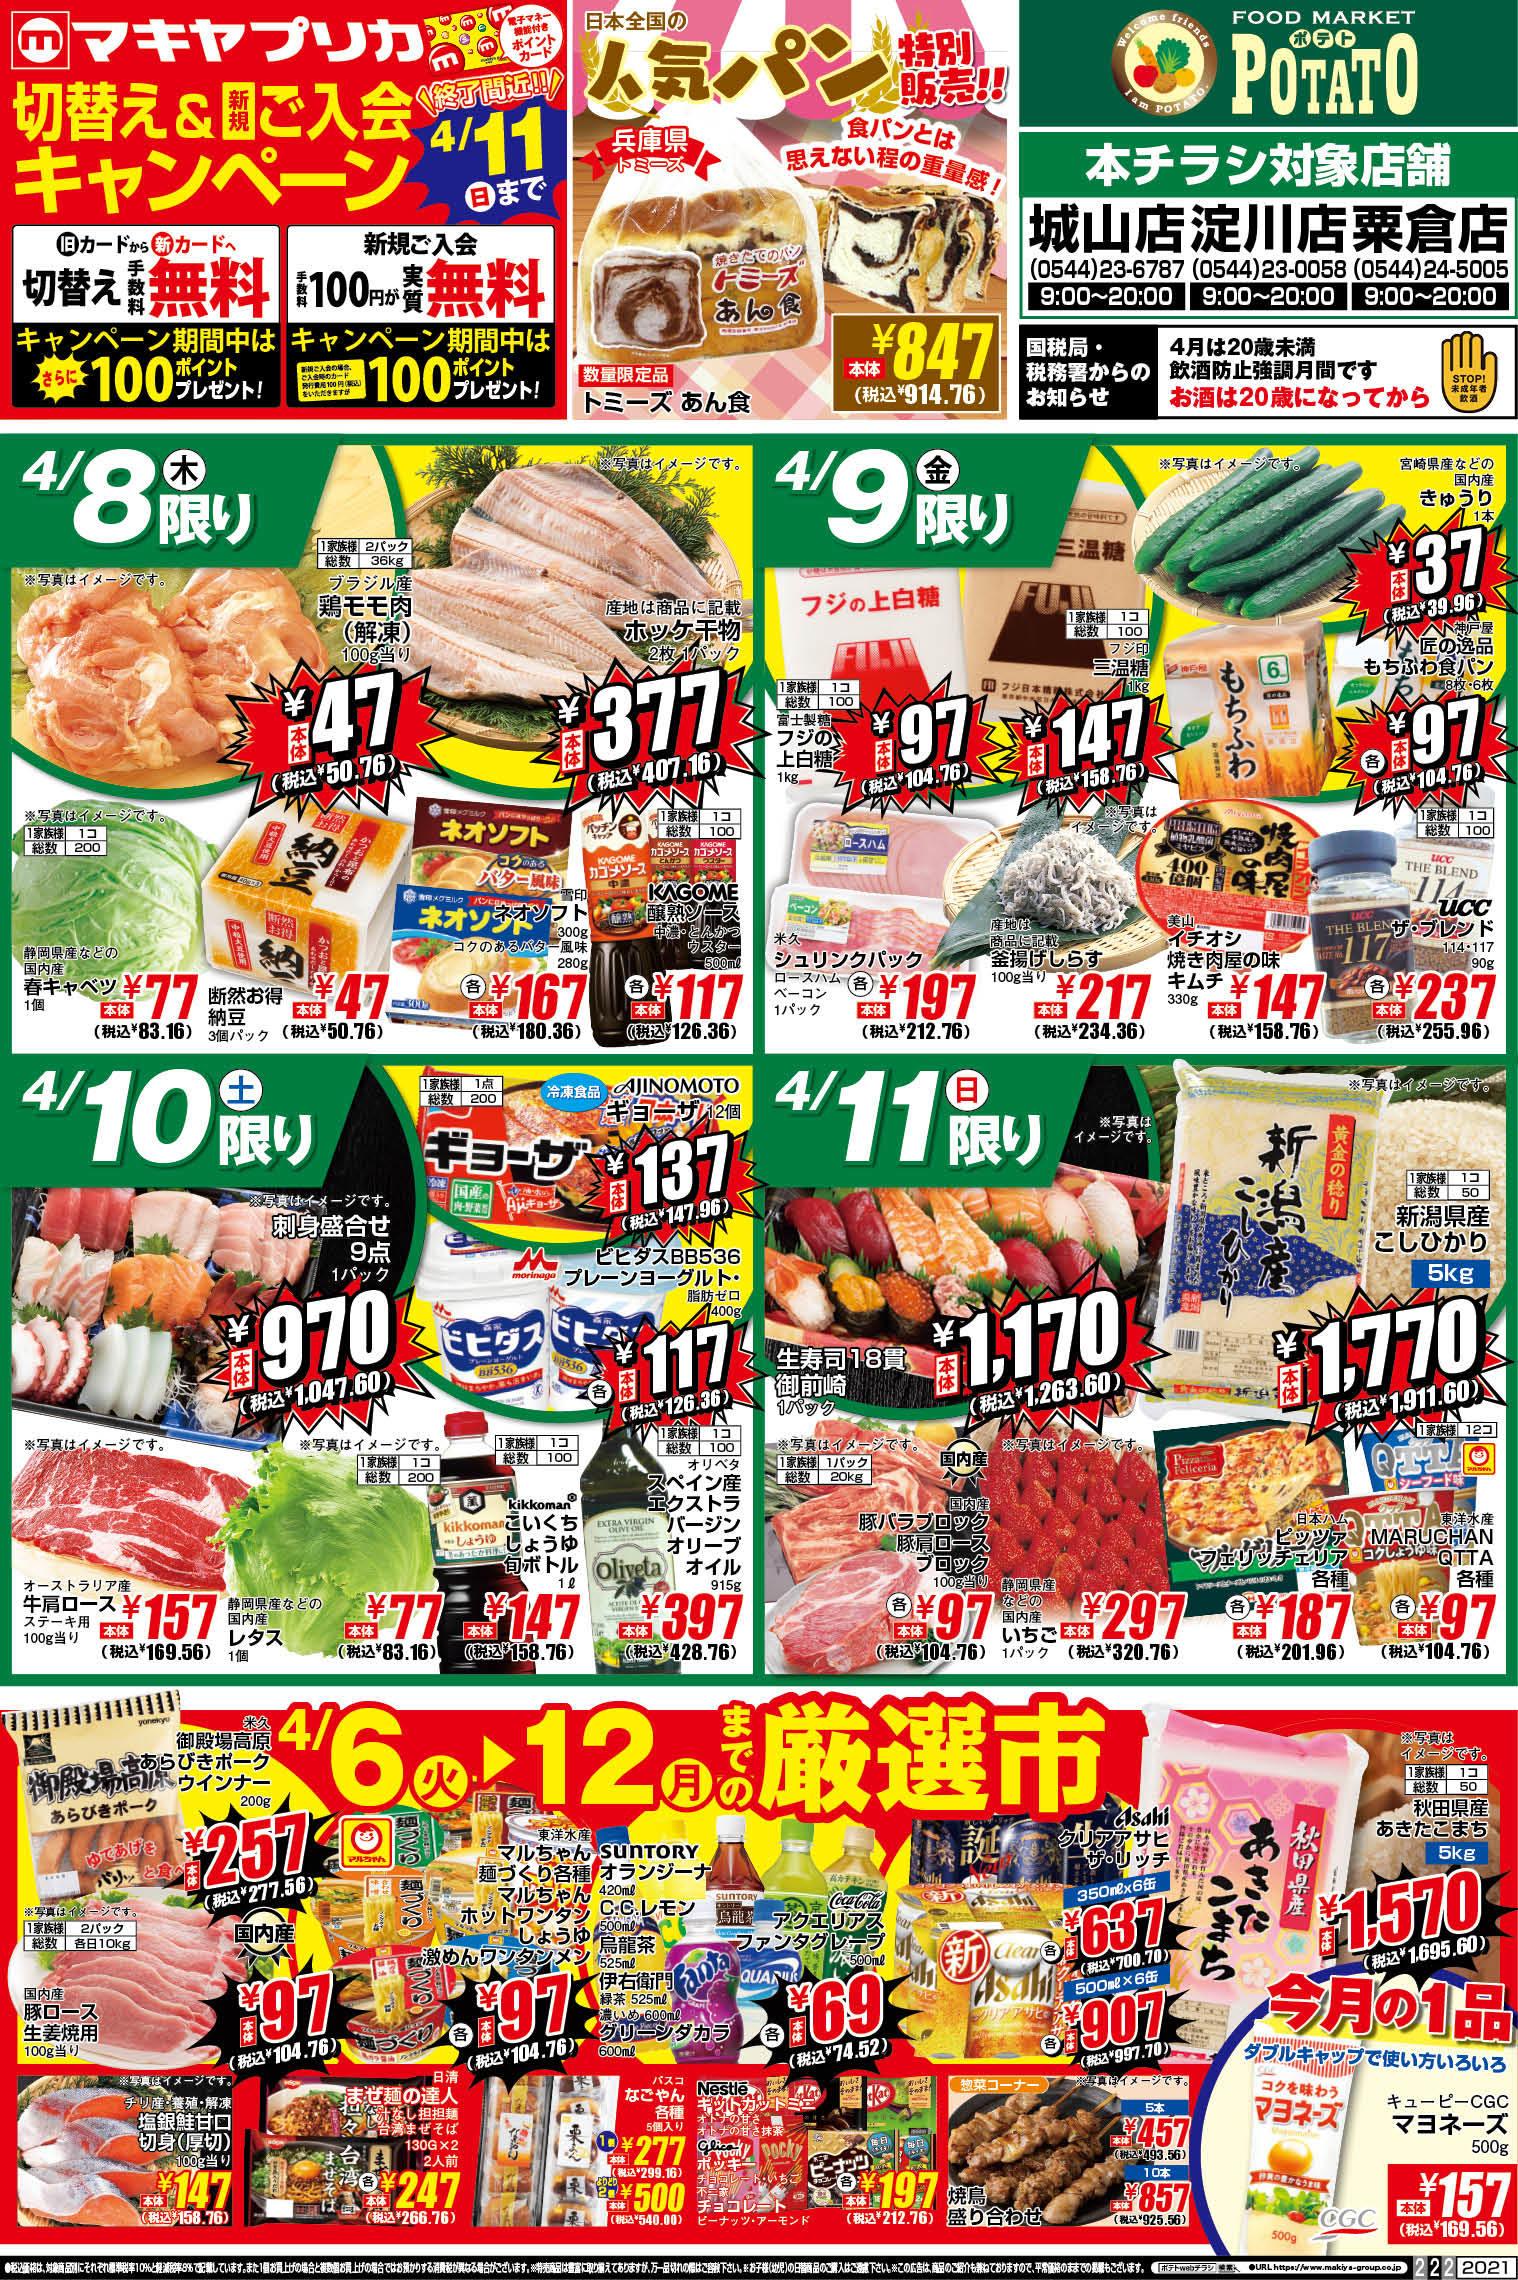 富士宮 チラシ イオン 店舗検索